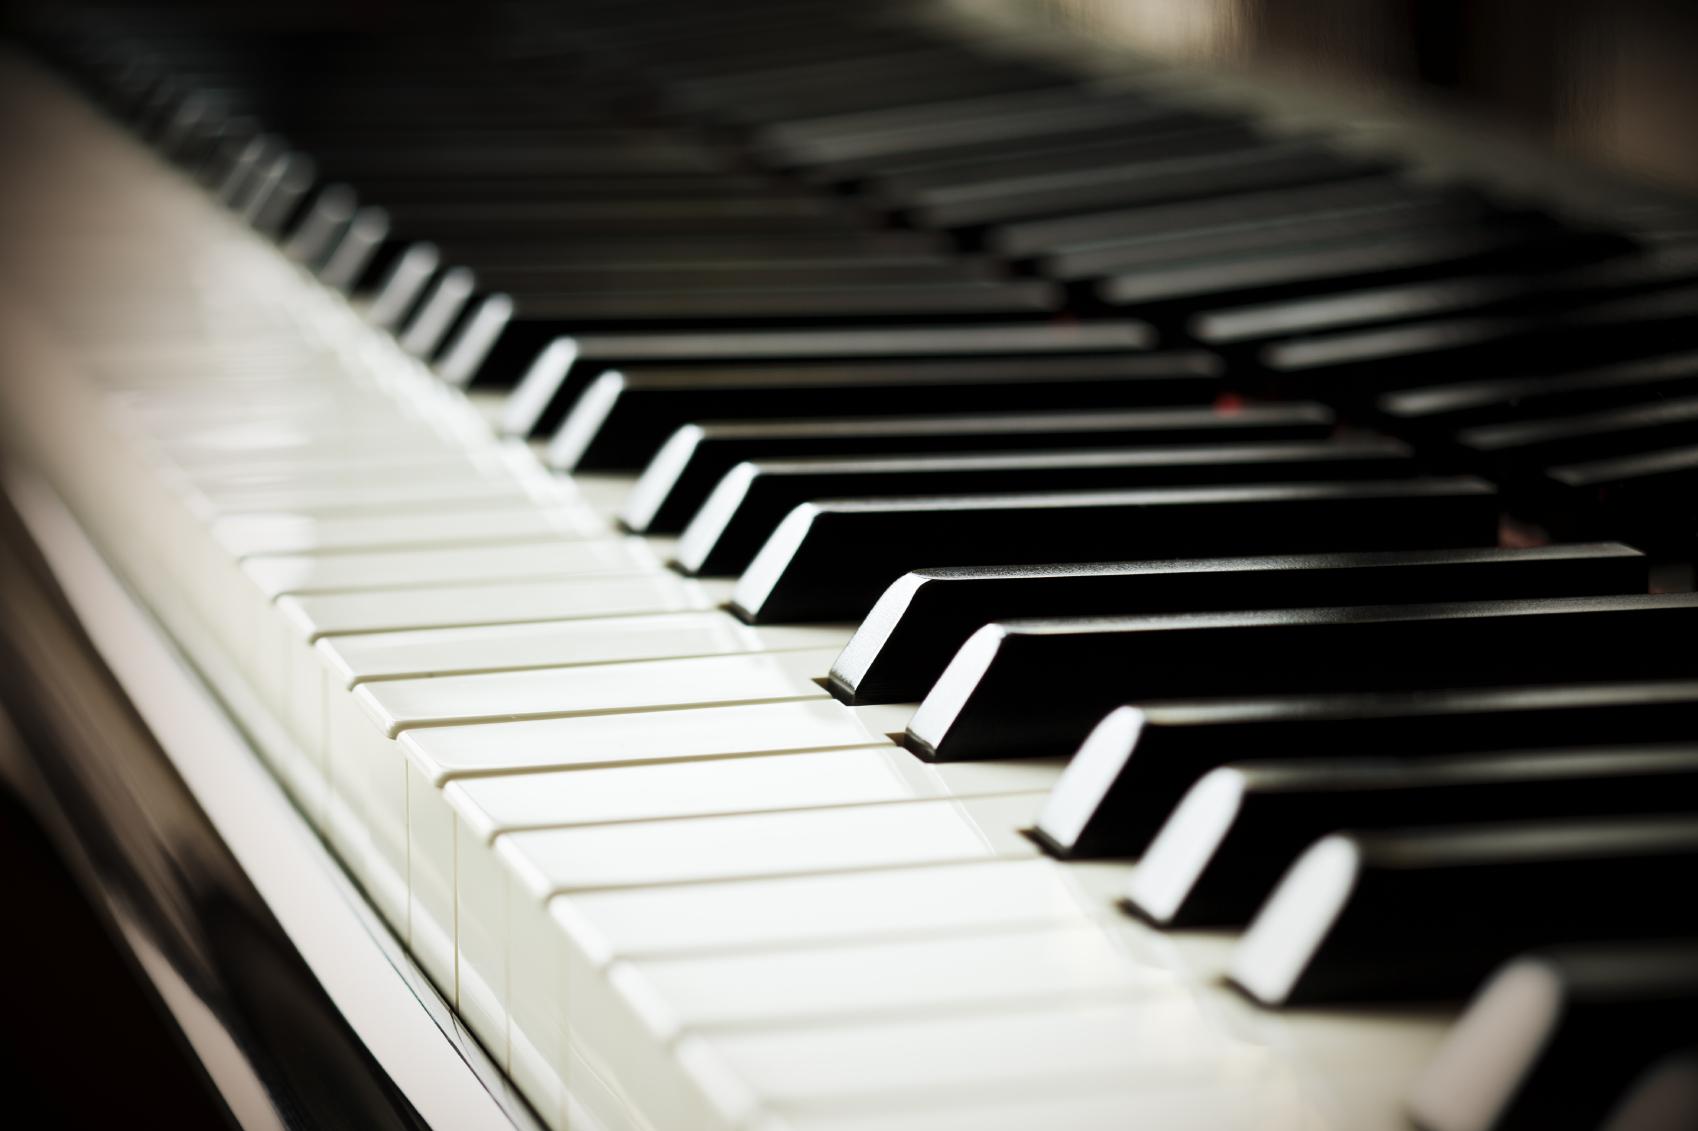 Idée cadeau : cours de piano pour vos proches